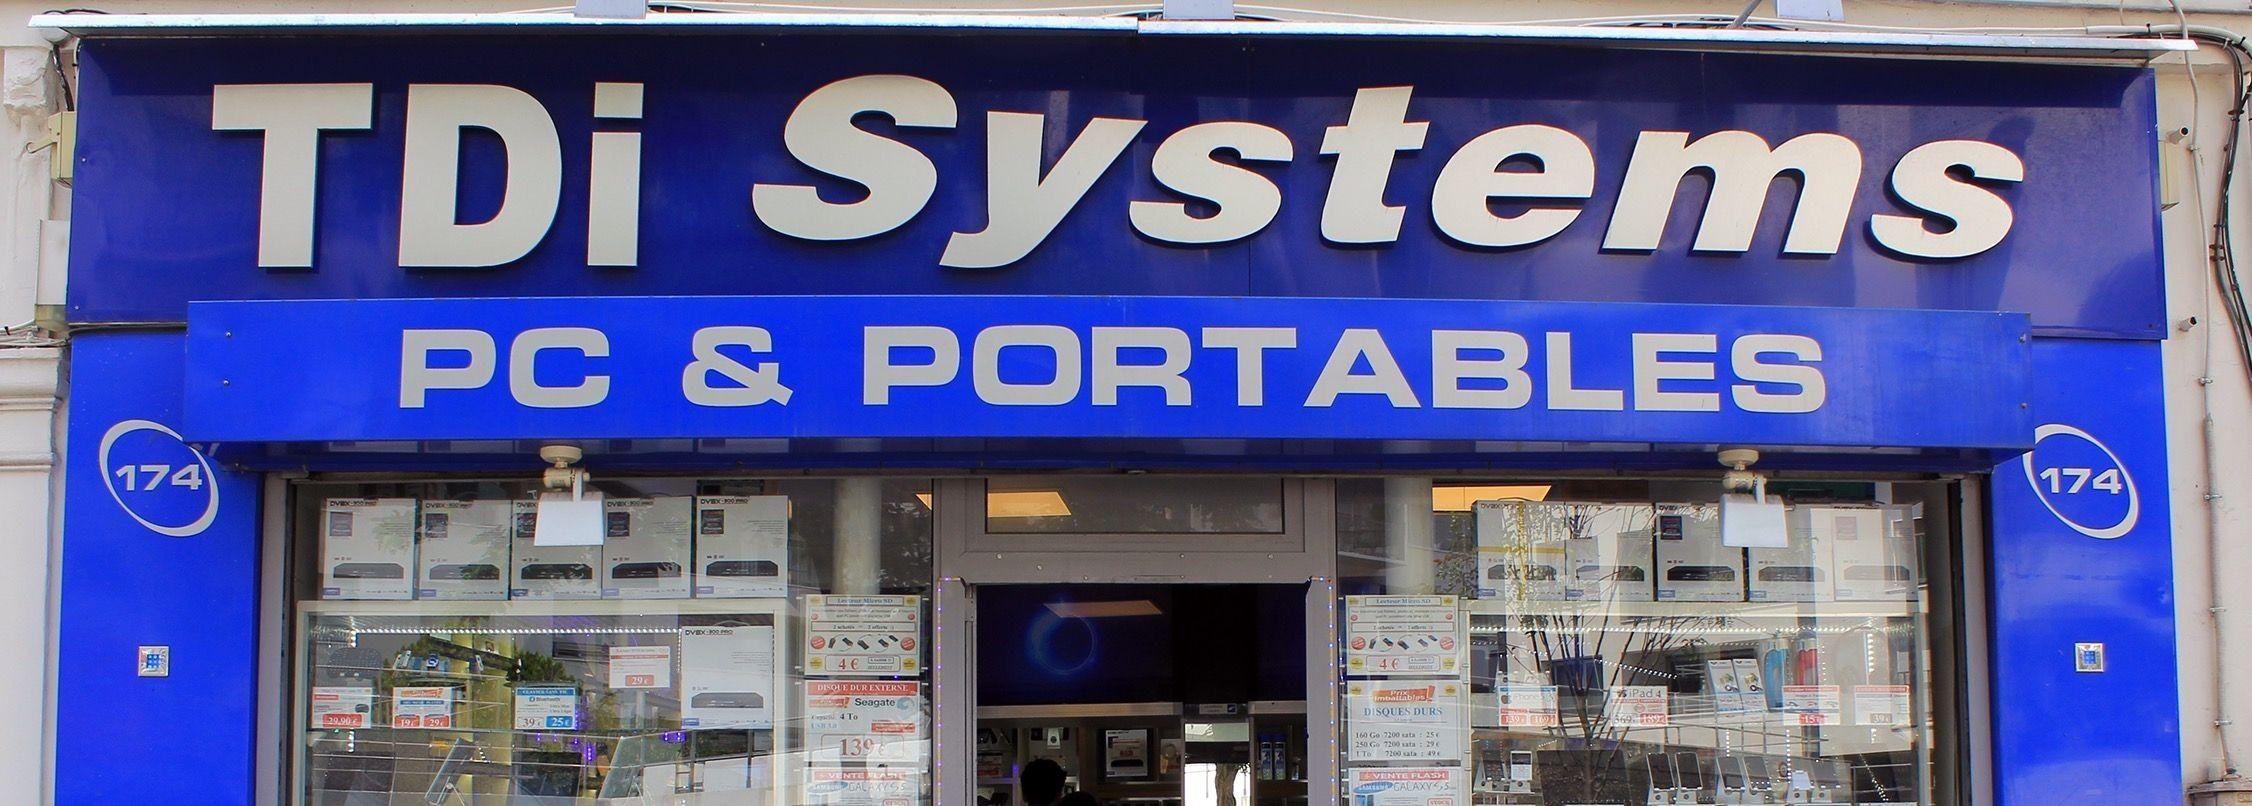 TDI Systems